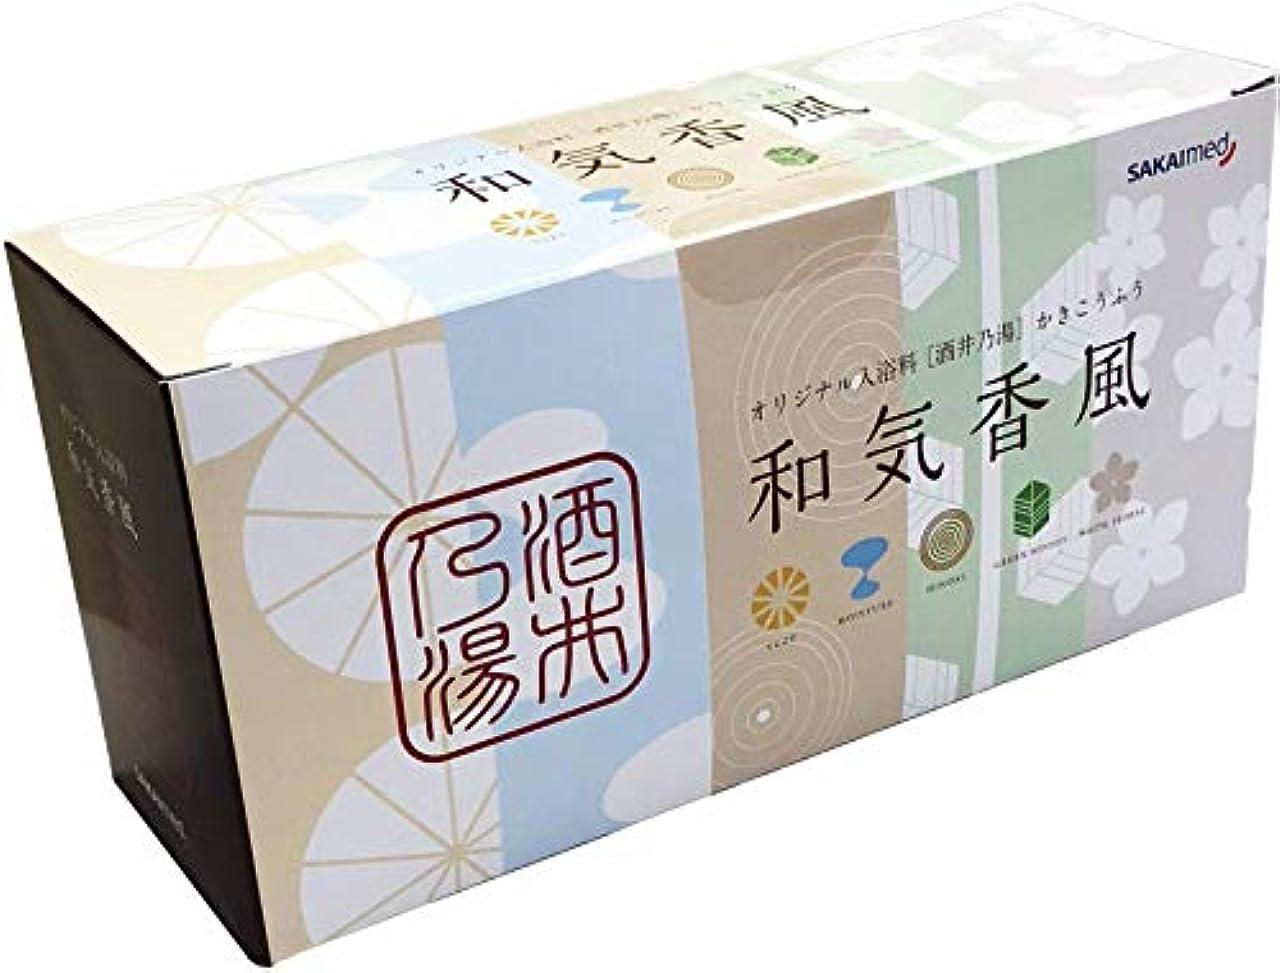 犯罪提供現代の酒井之湯 和気香風 介護浴槽で使用できる入浴剤(パパイン酵素配合 入浴剤)30包(5種類の香×6包)